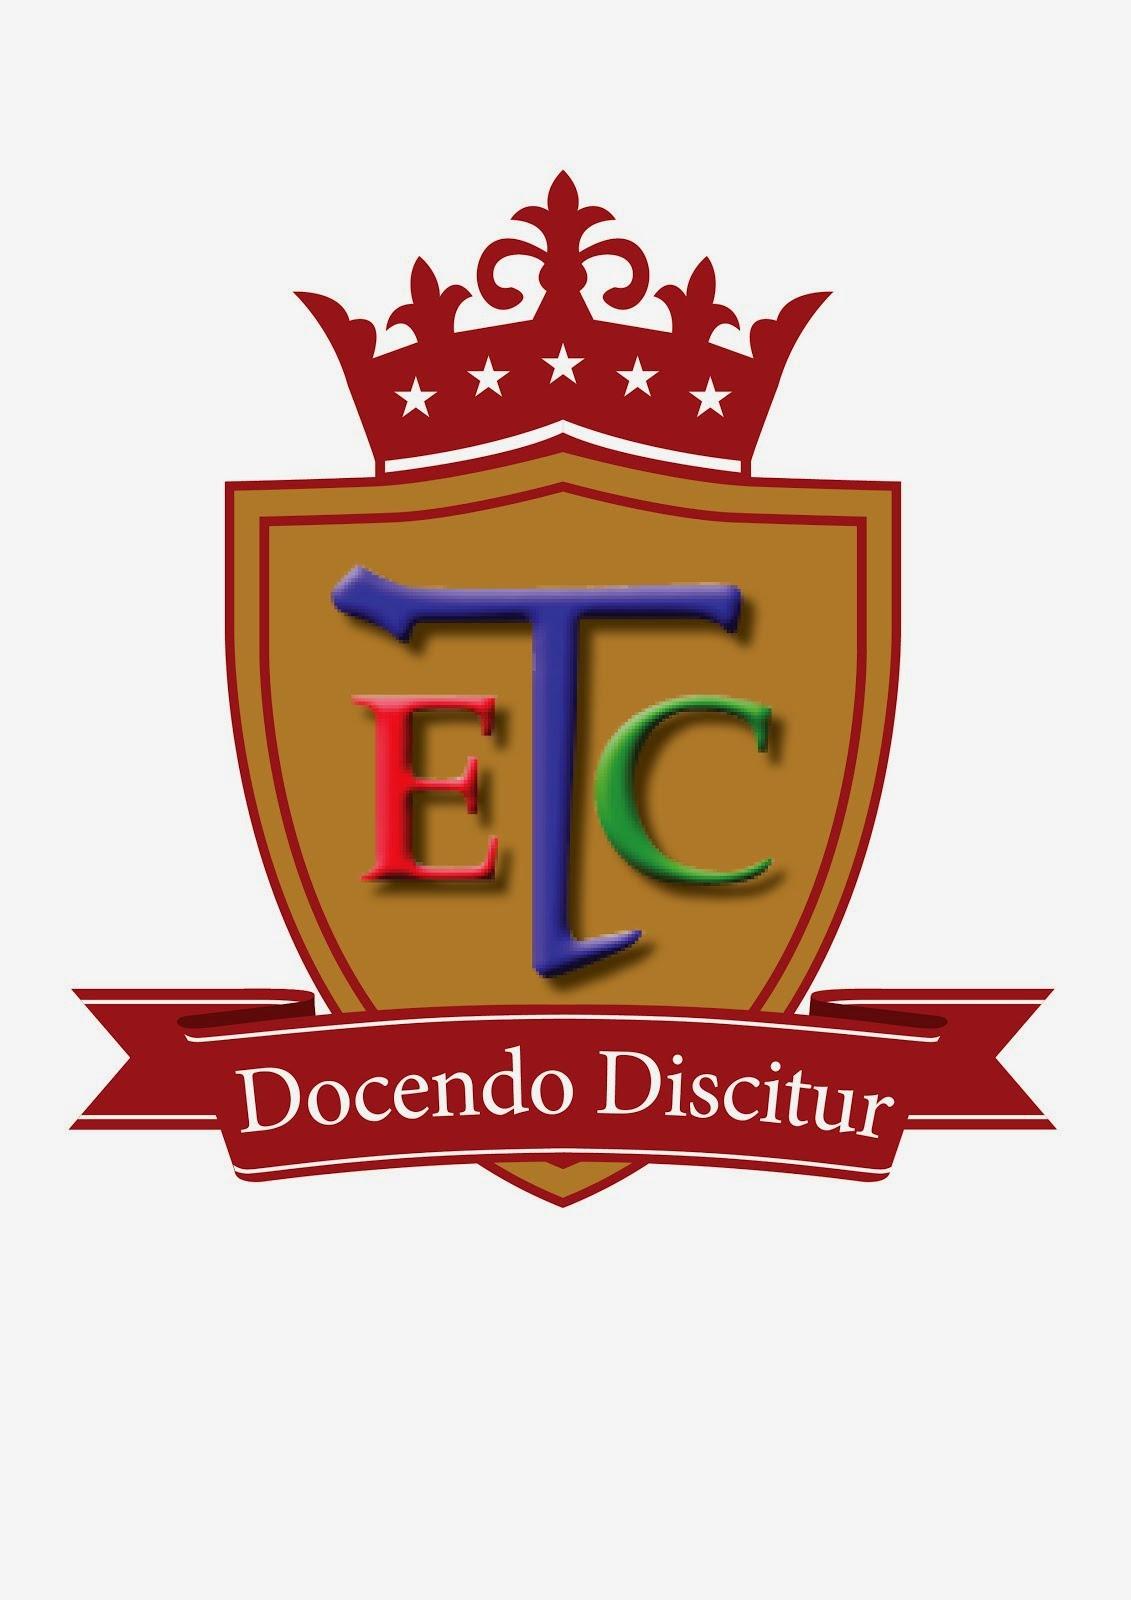 Docendo Discitur